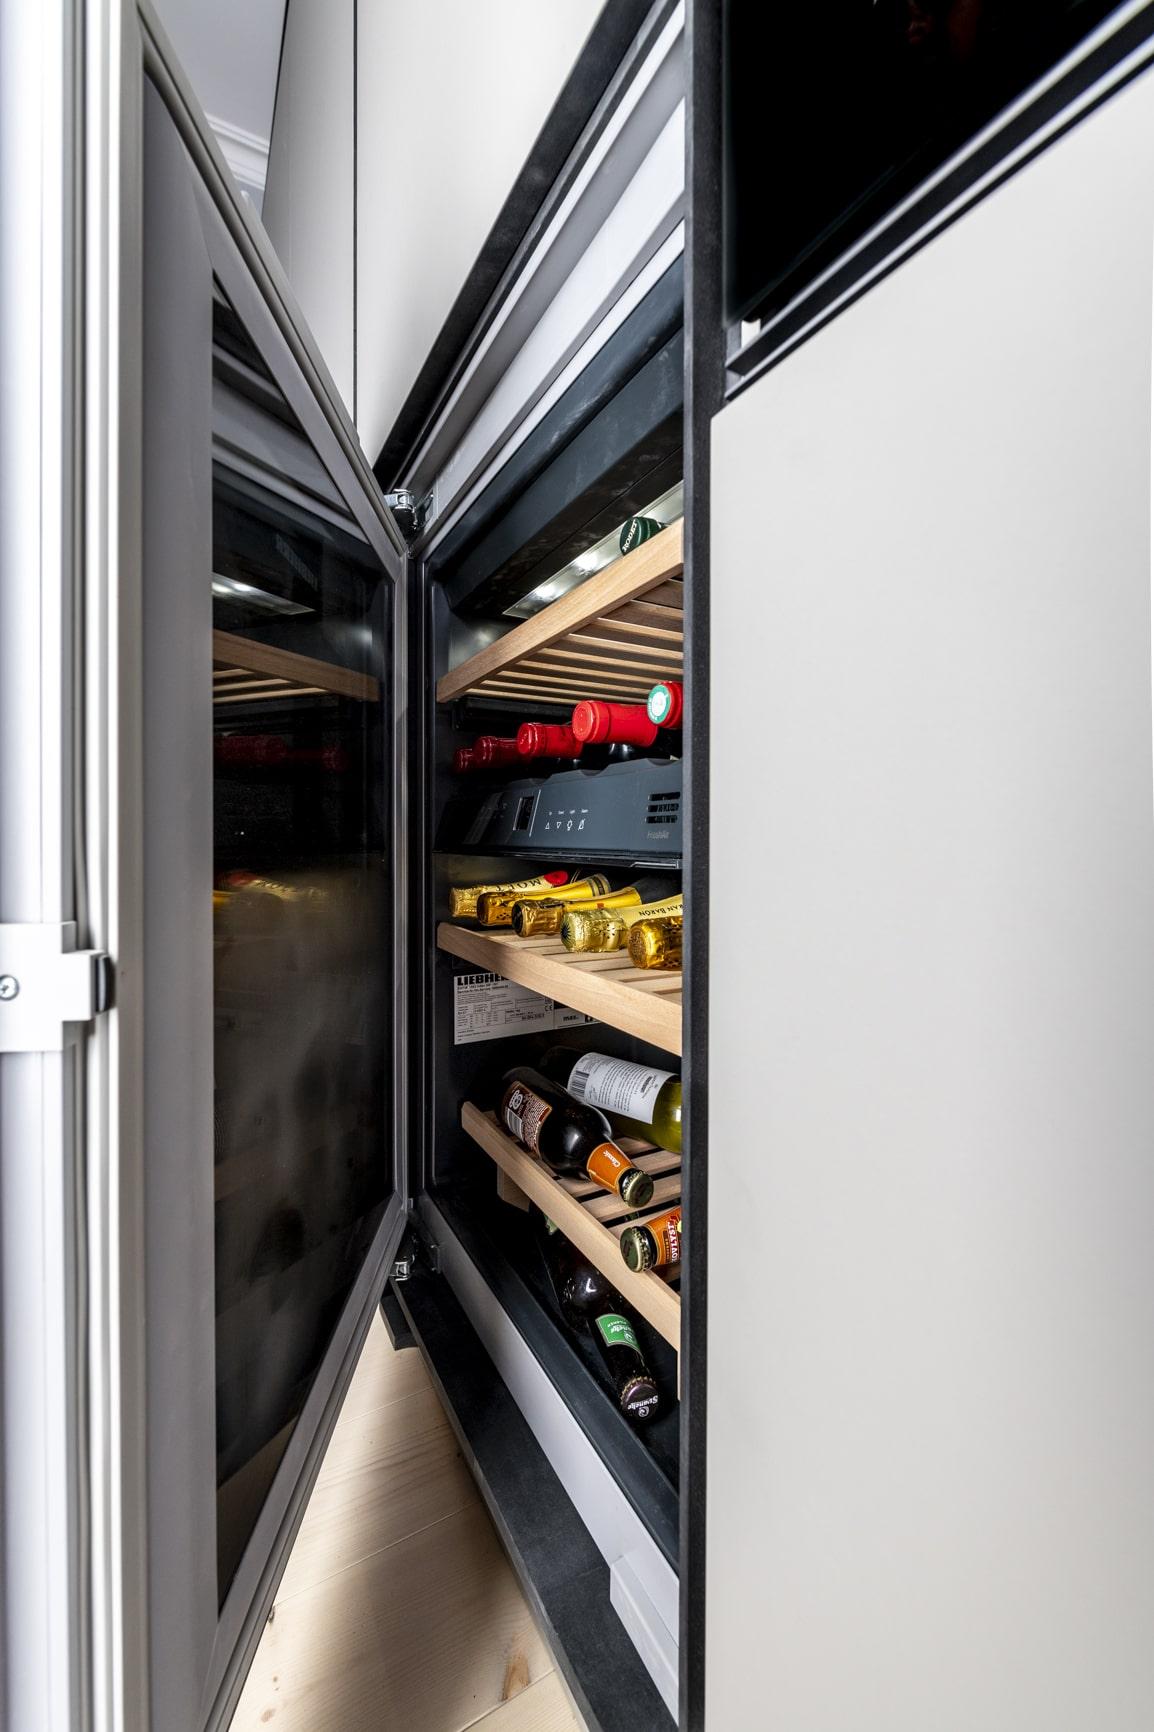 liebherr vinkøleskab